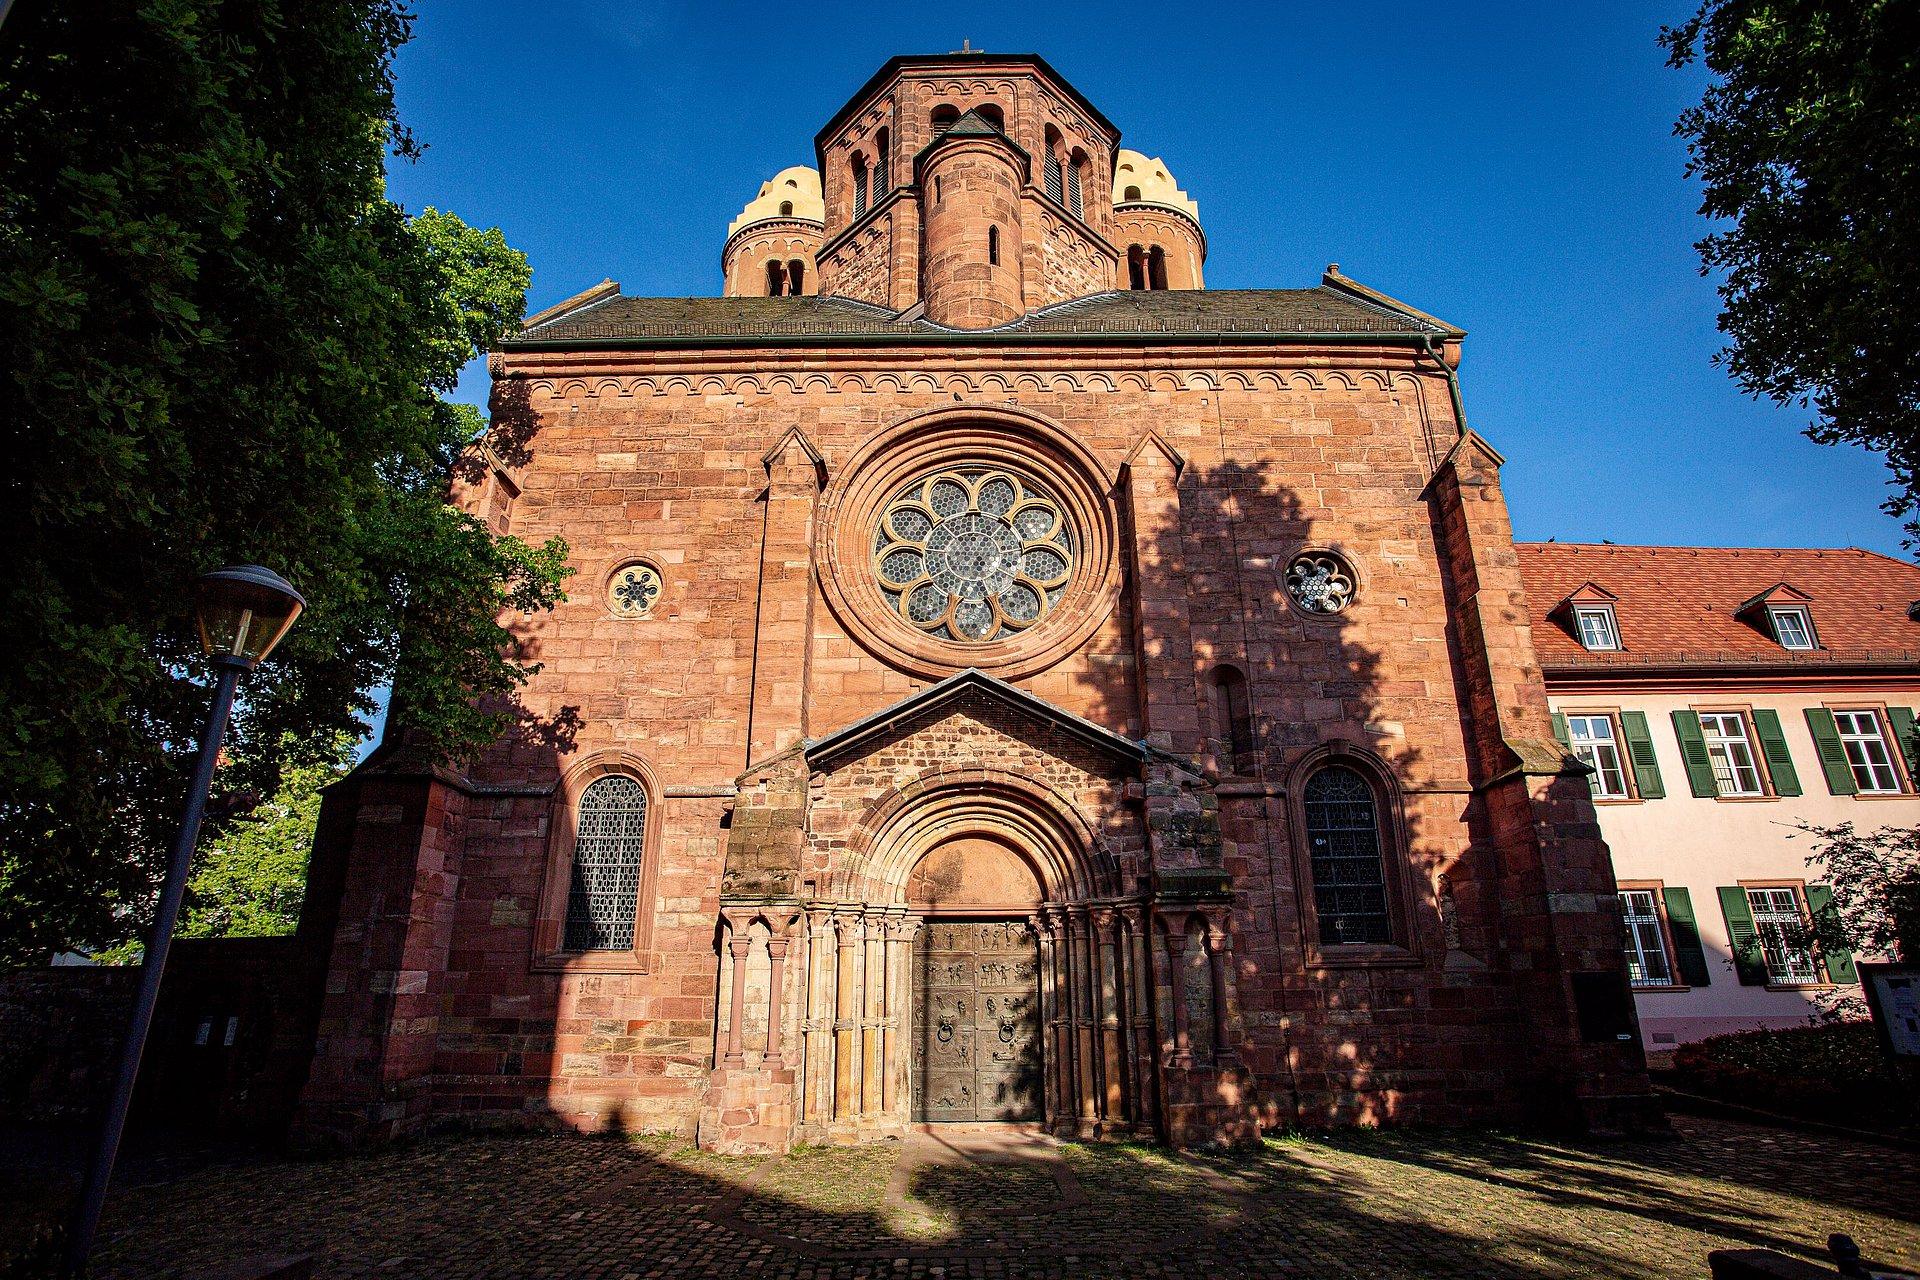 Die Kirche St. Paulus in Worms, Rheinhessen